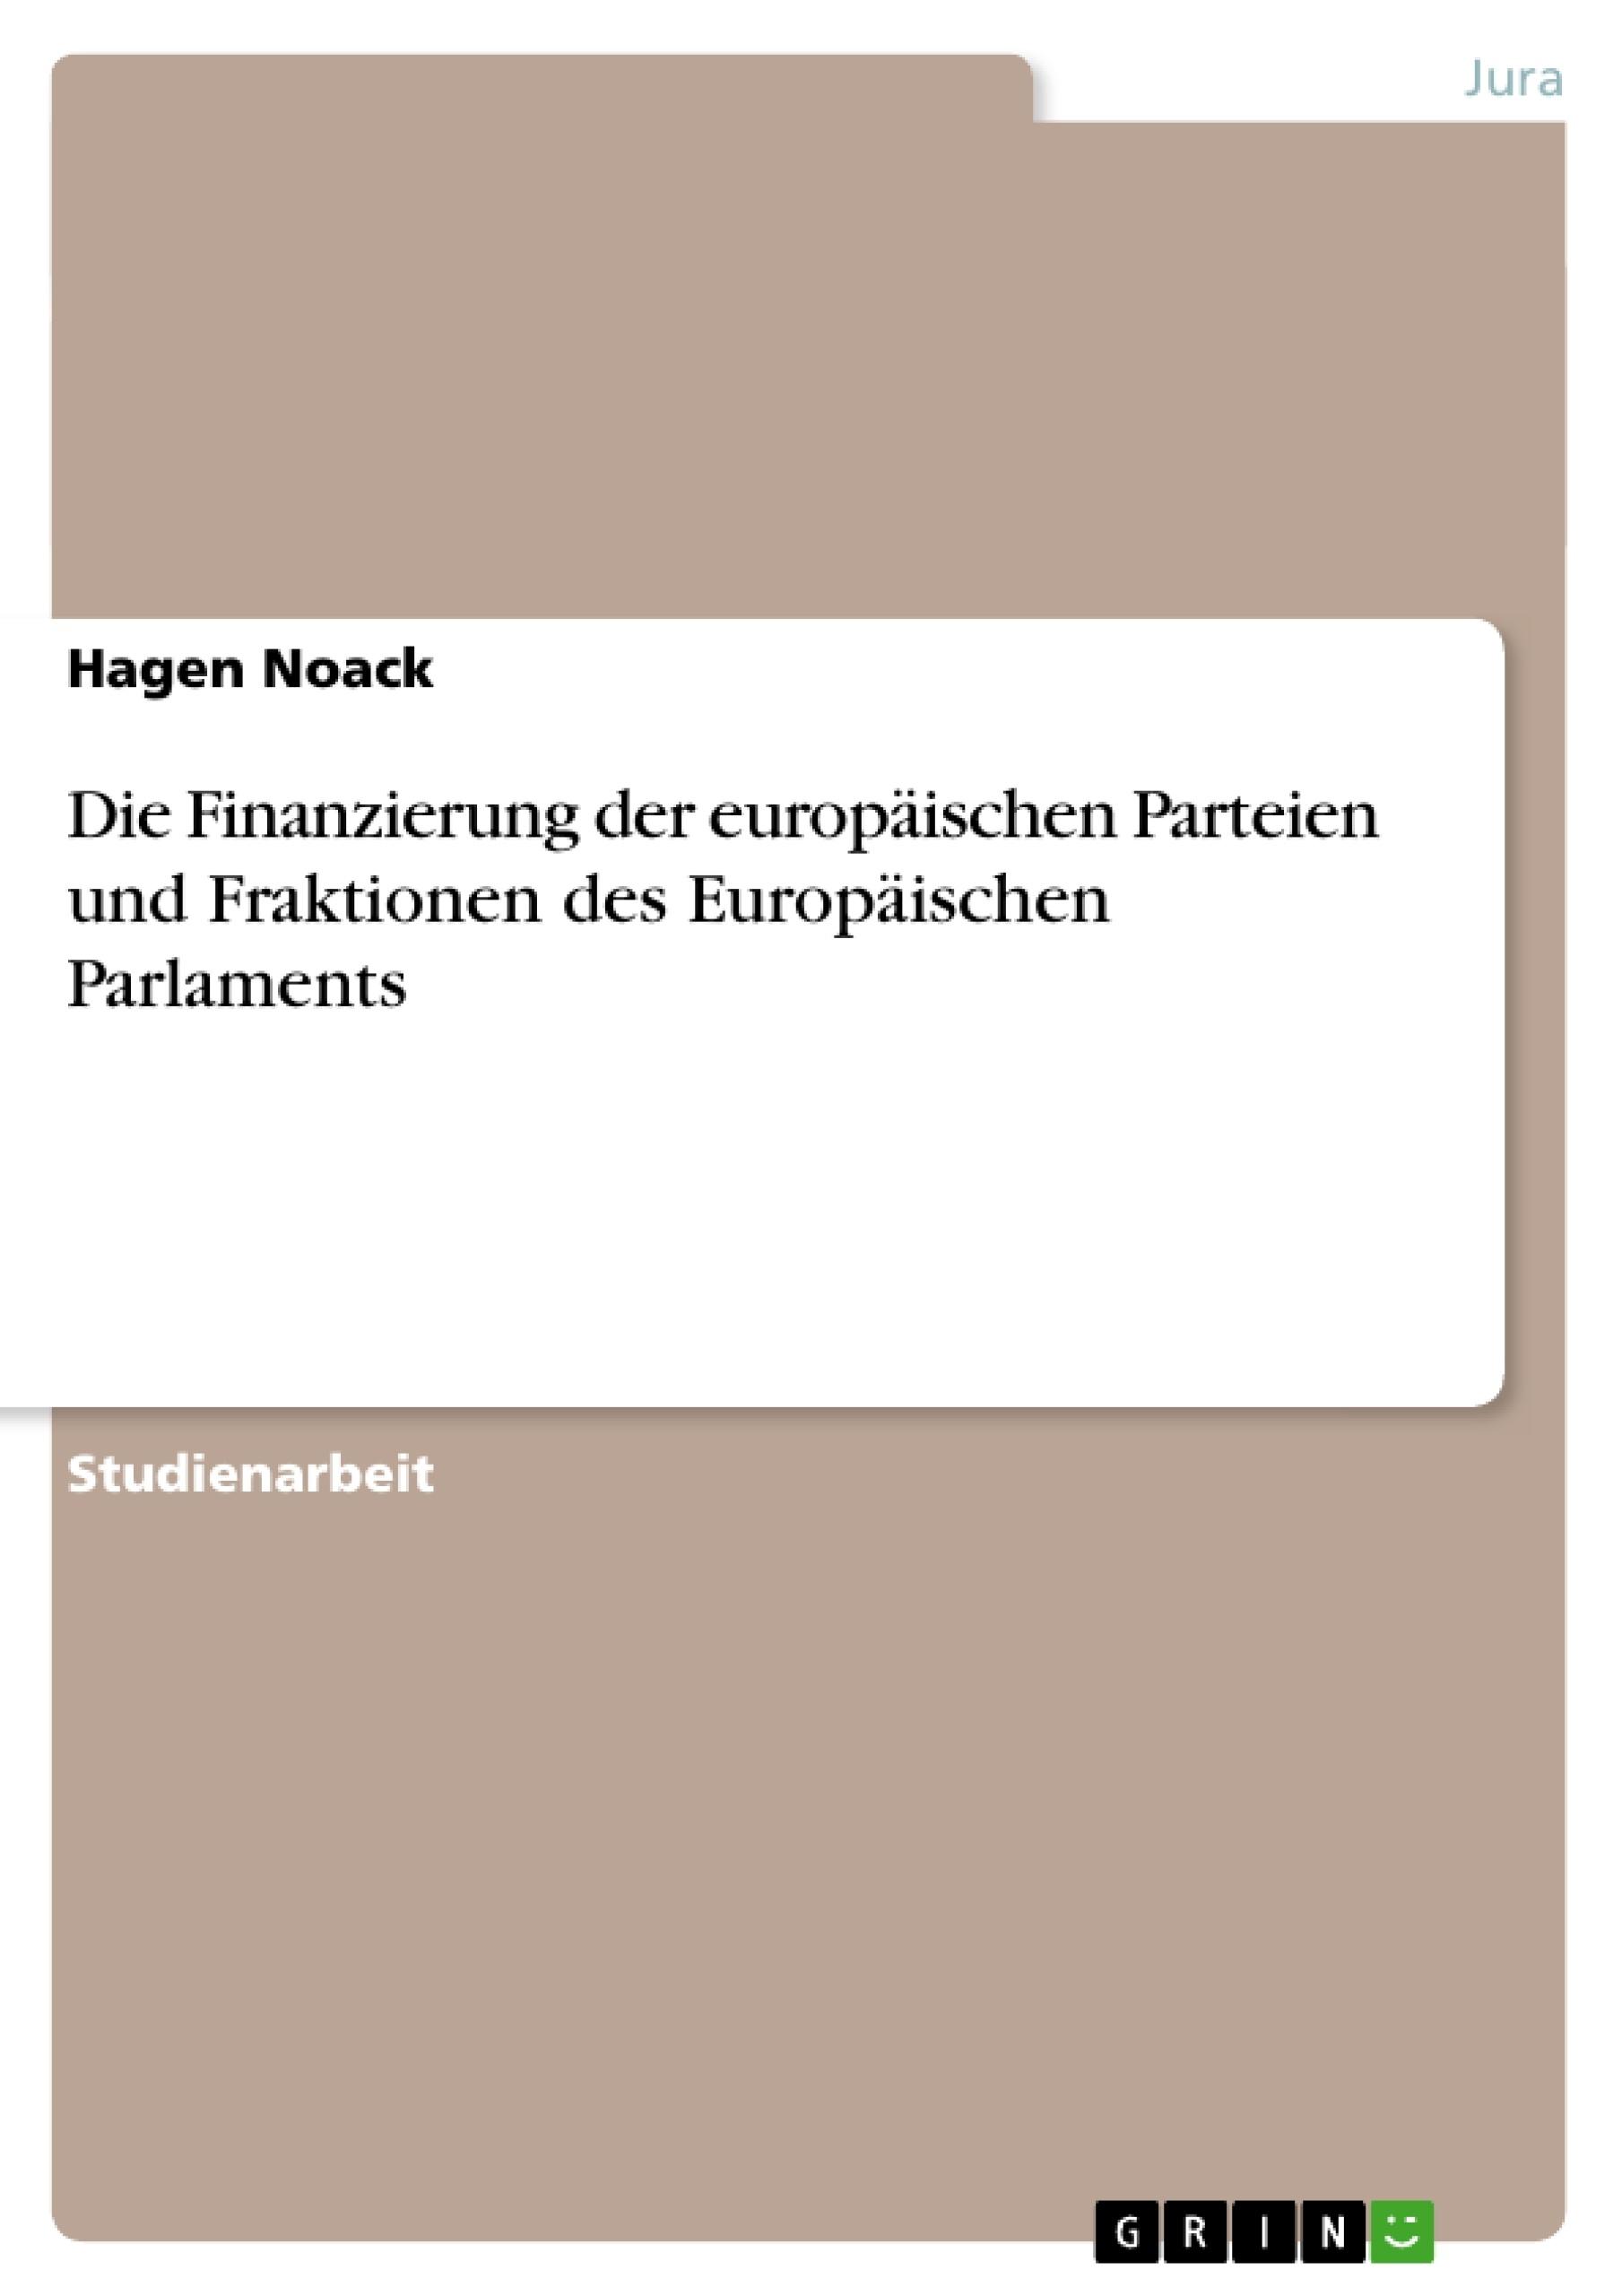 Titel: Die Finanzierung der europäischen Parteien und Fraktionen des Europäischen Parlaments